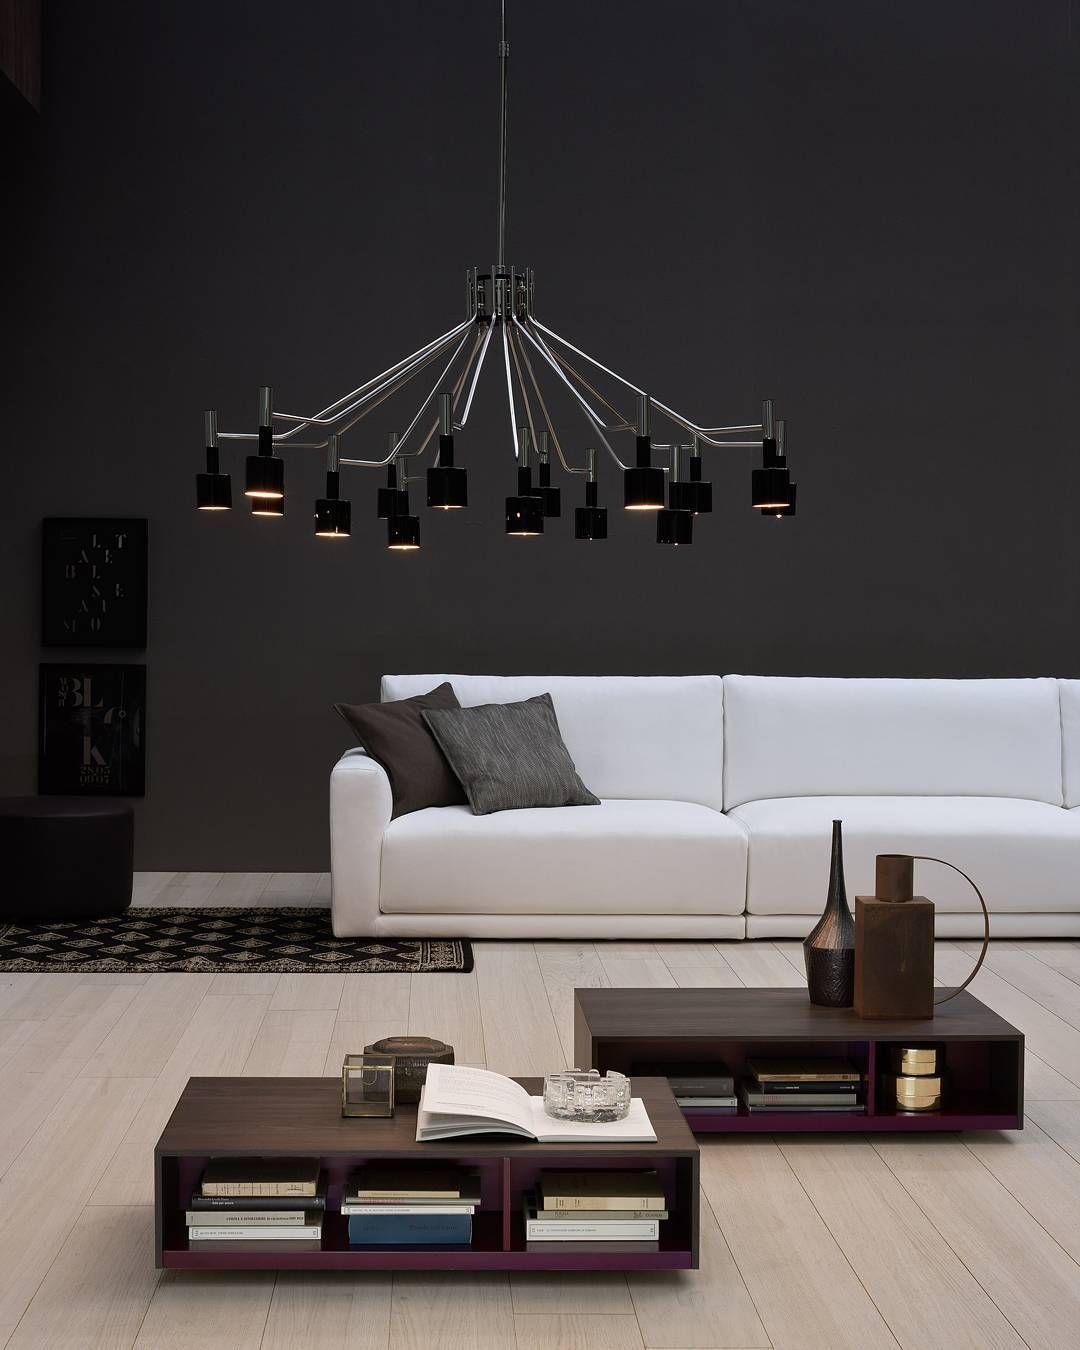 Auf Dieses Sofa Kann Man Sich Verlassen Exklusiv Komfortabel Couch Designinspiration